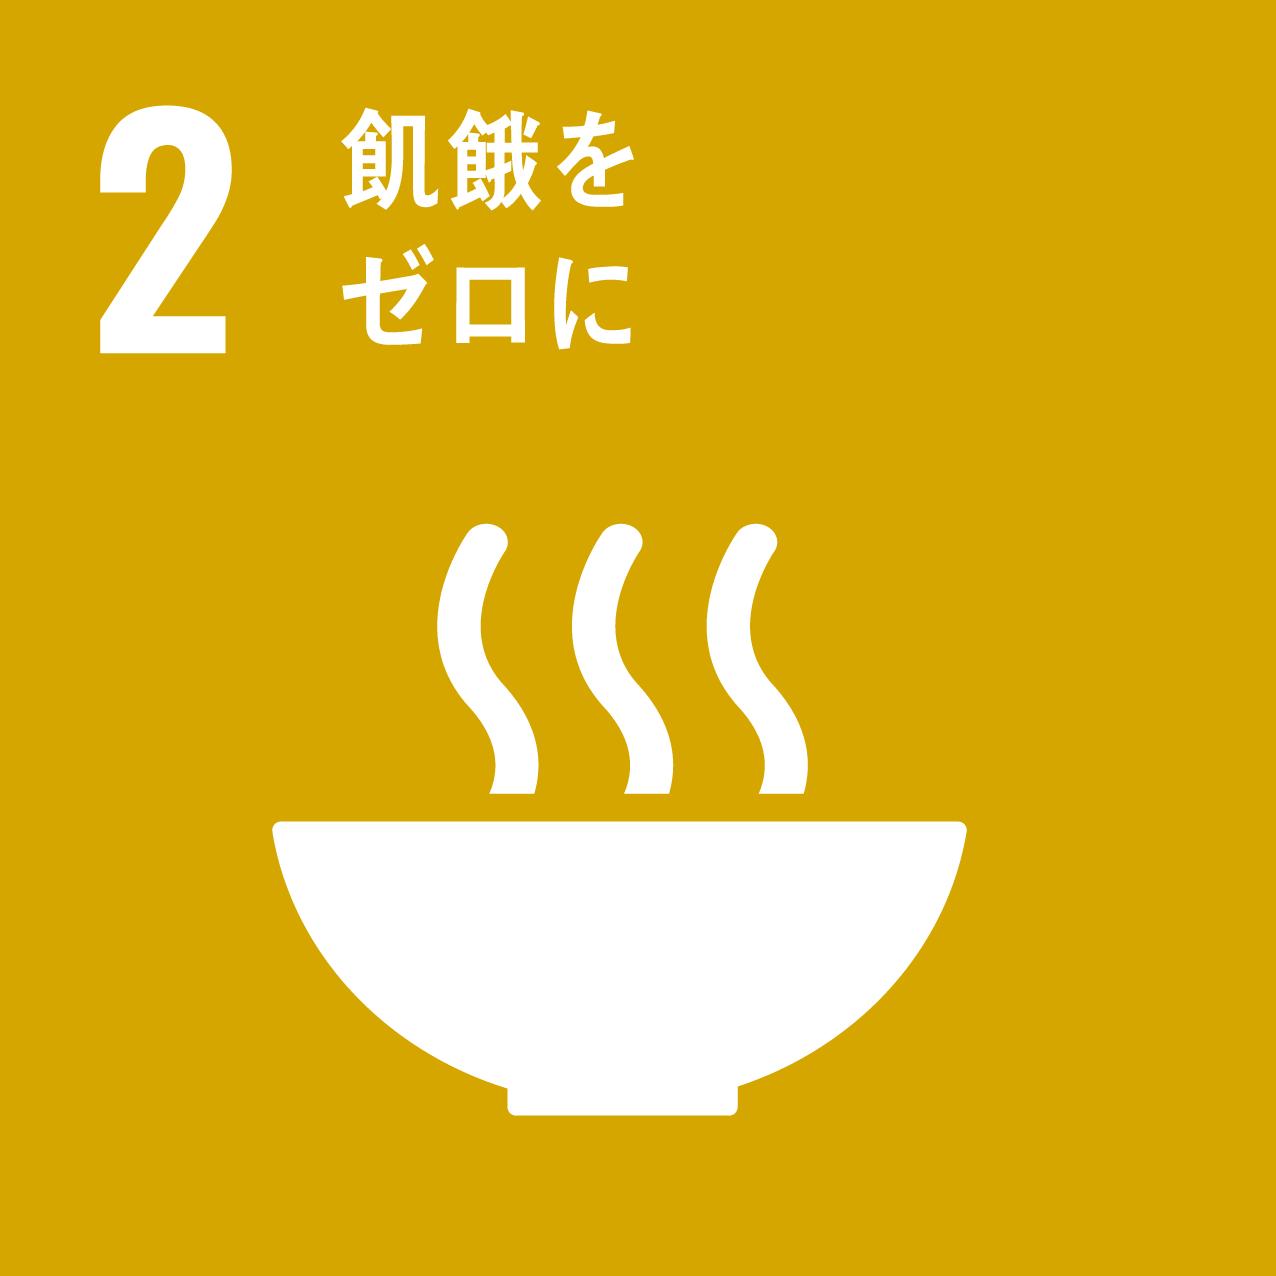 SDGs目標アイコン 2.飢餓をゼロに